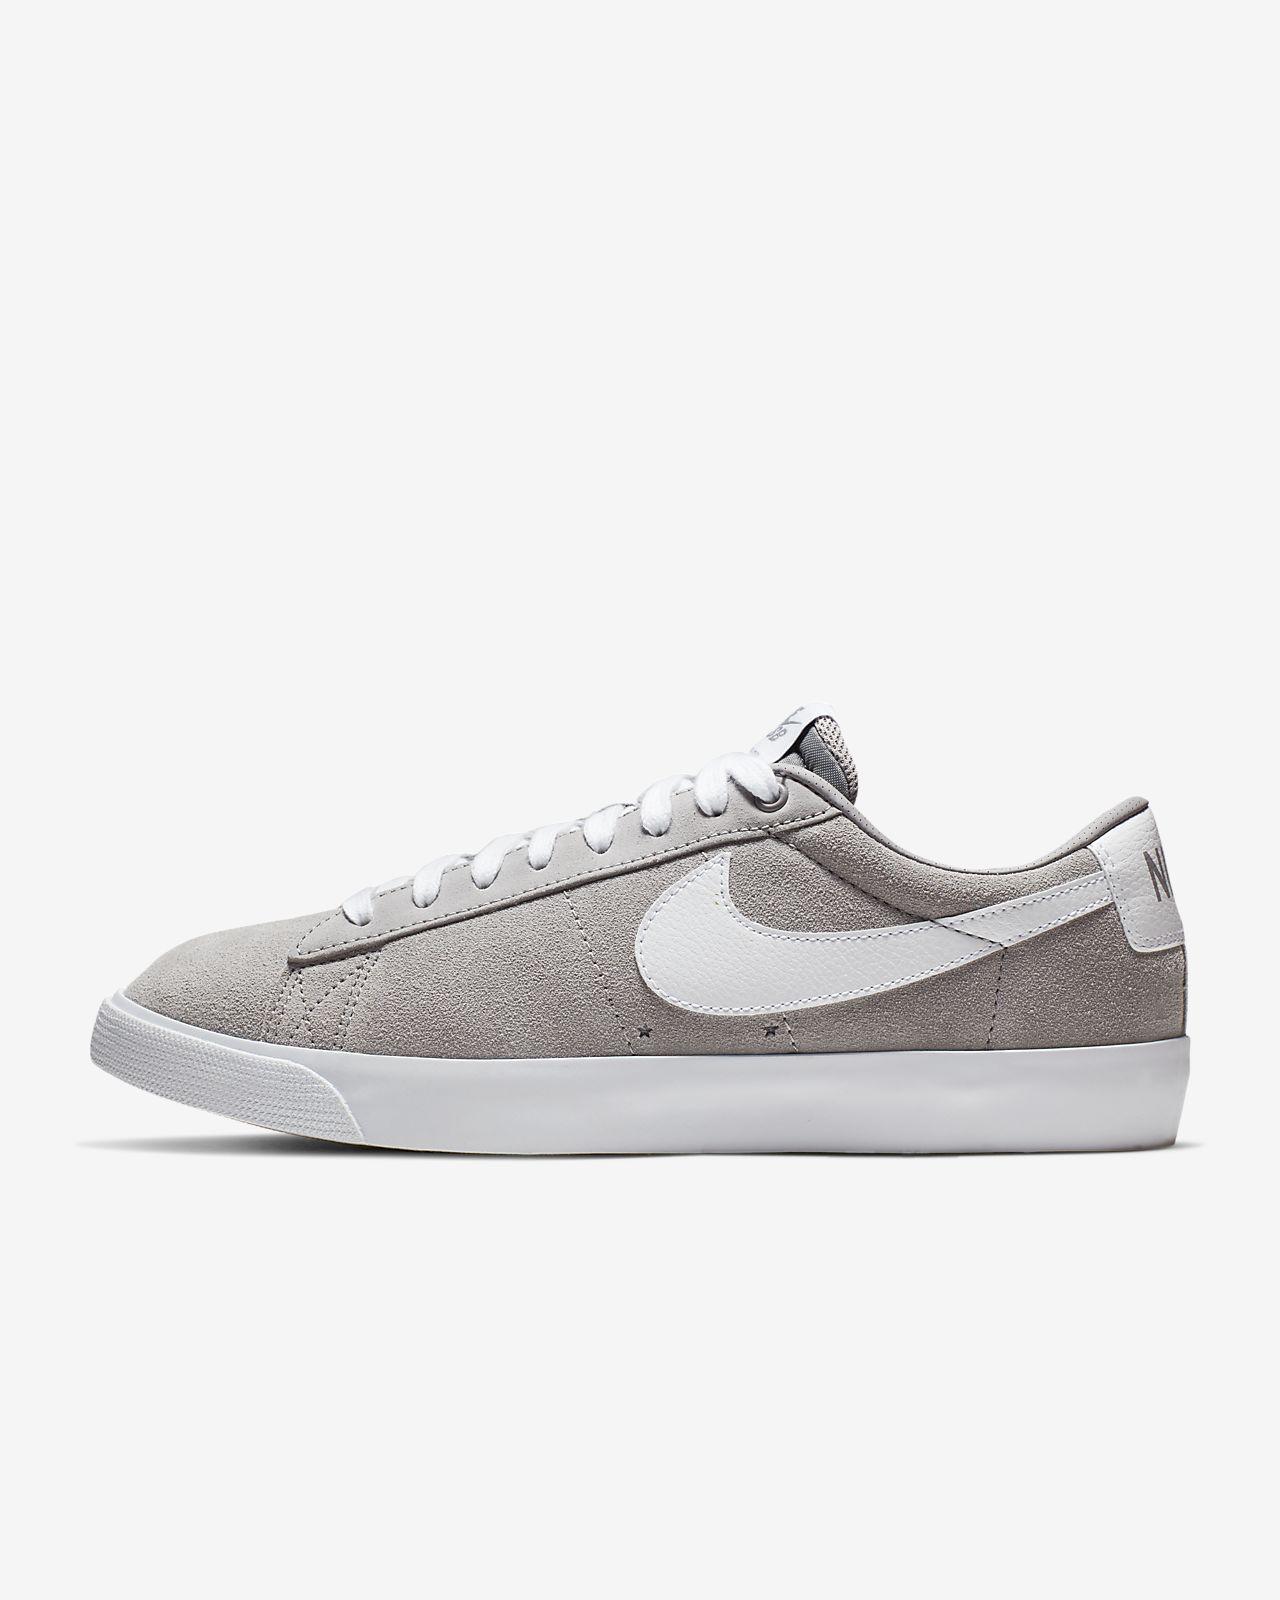 Nike SB Blazer Low GT 滑板鞋